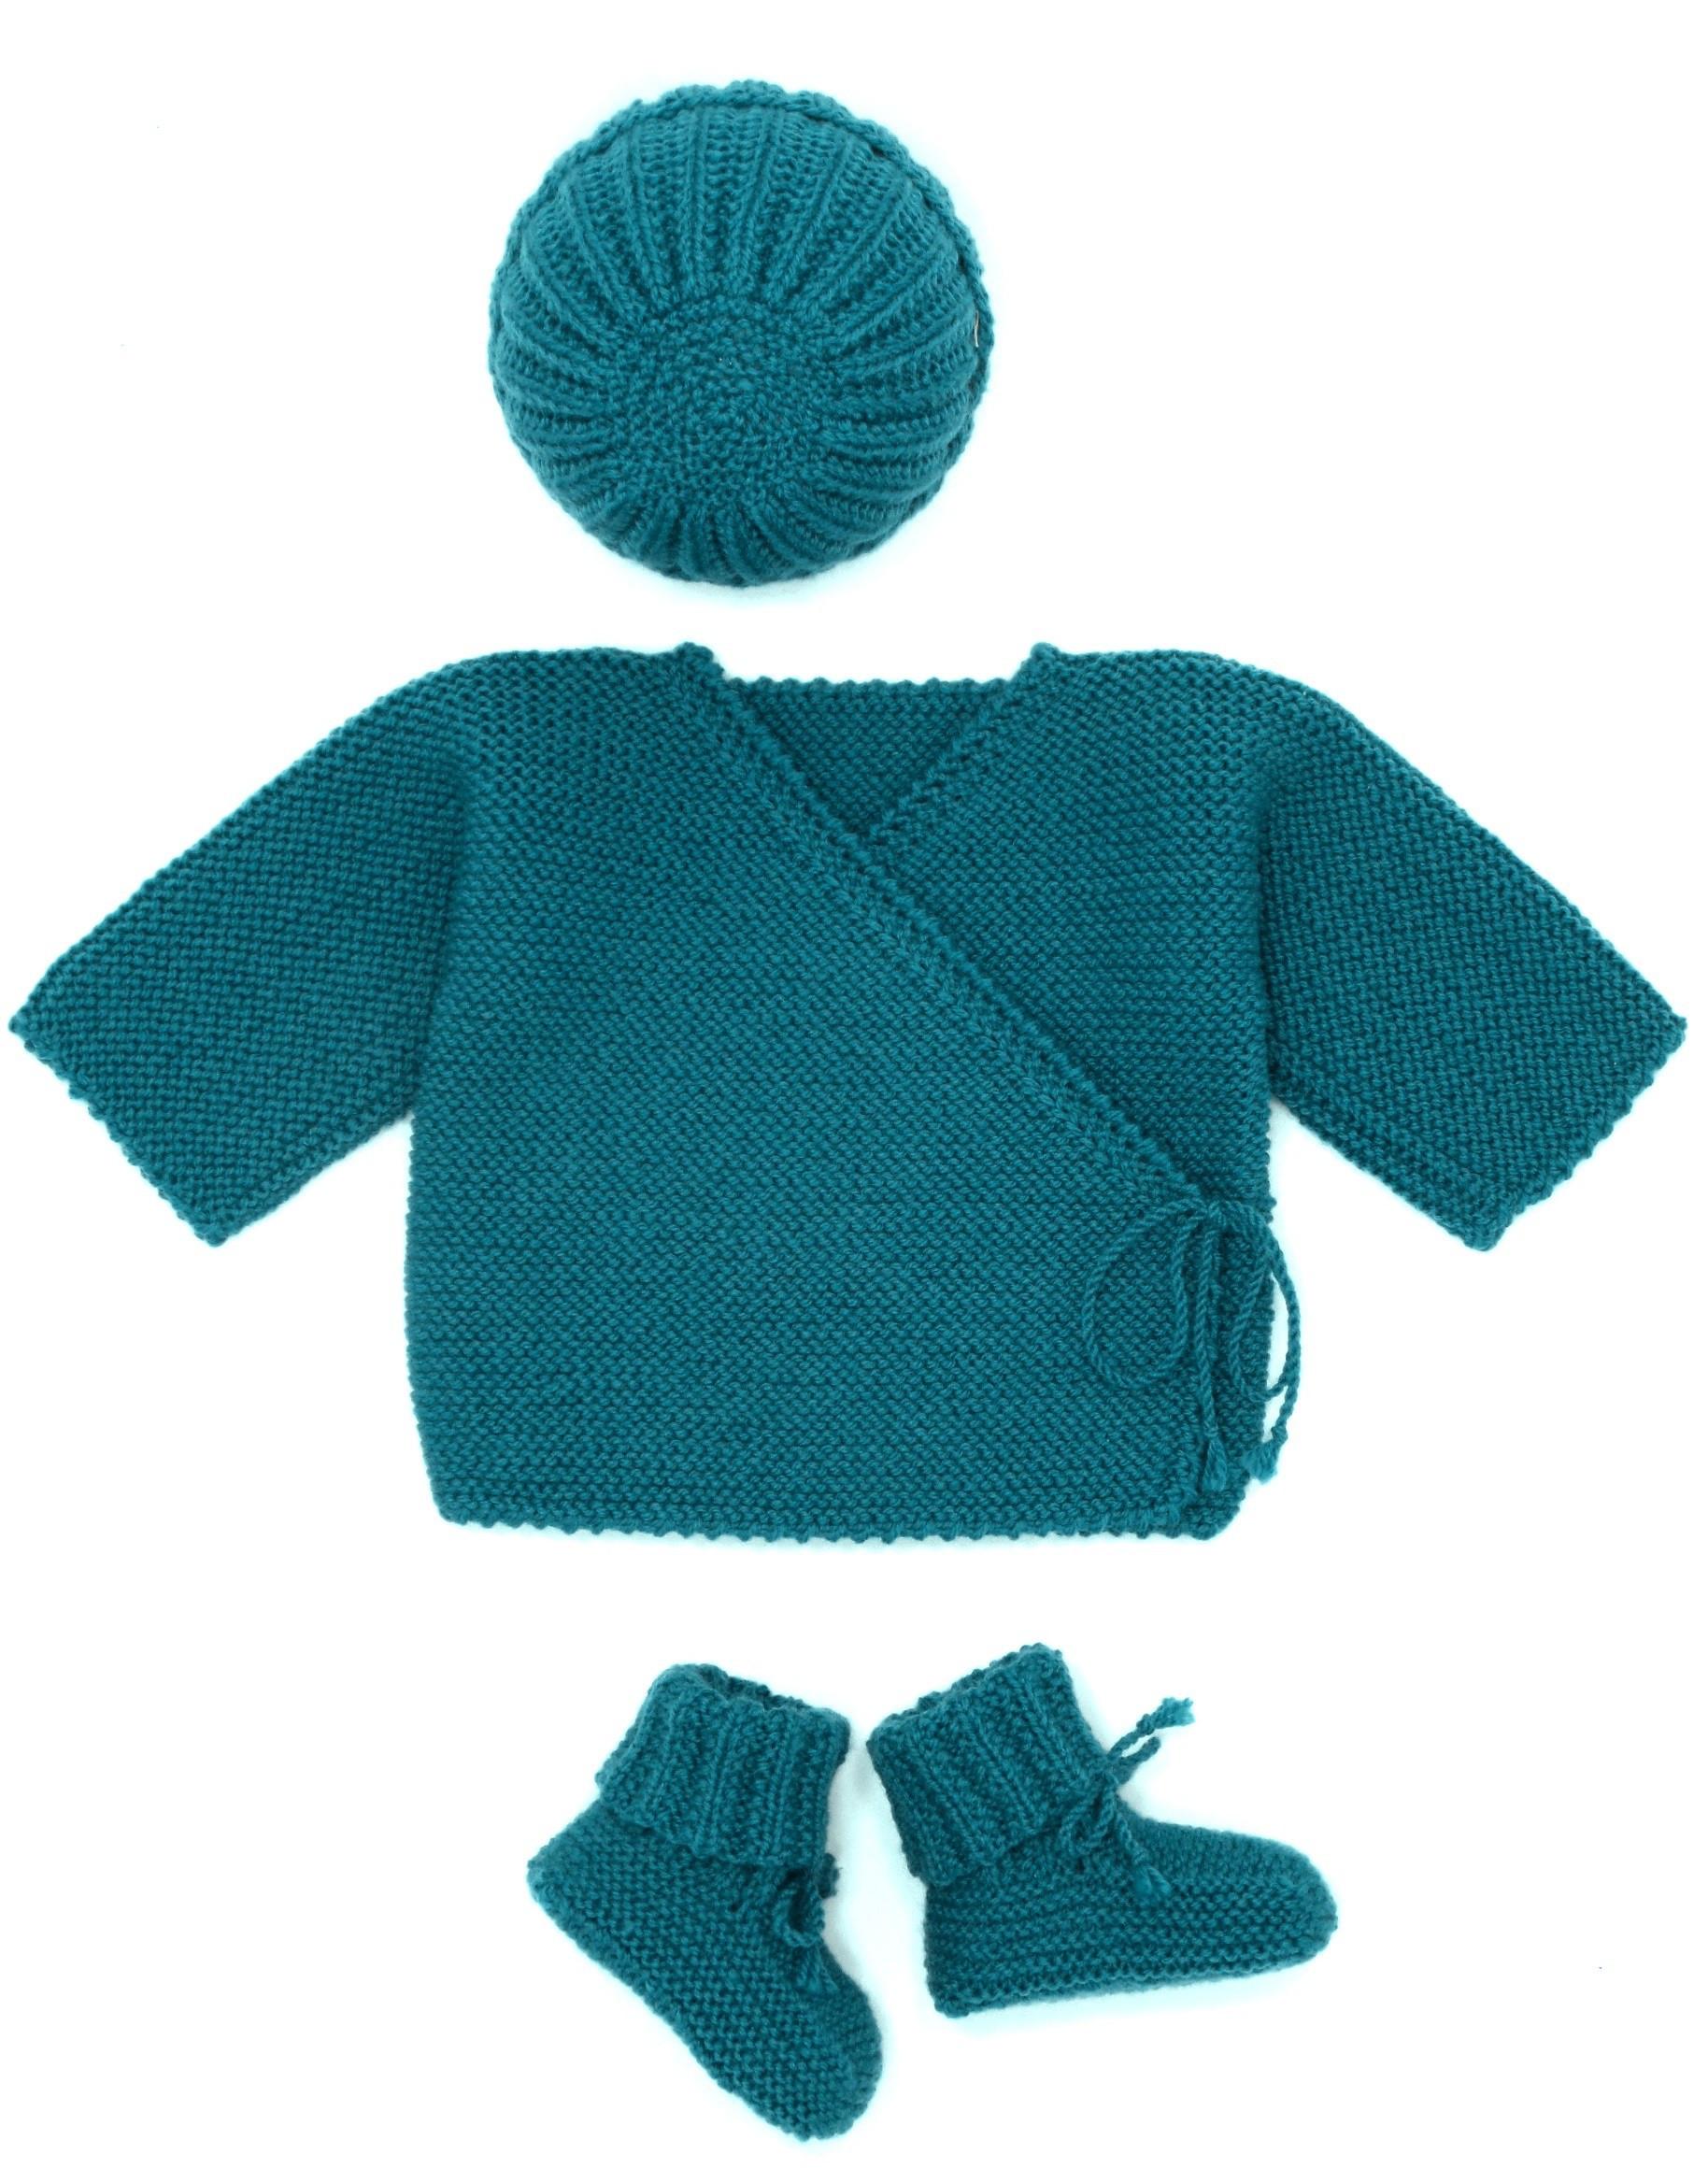 7d067448e5142 Ensemble brassière bébé brassière bébé laine